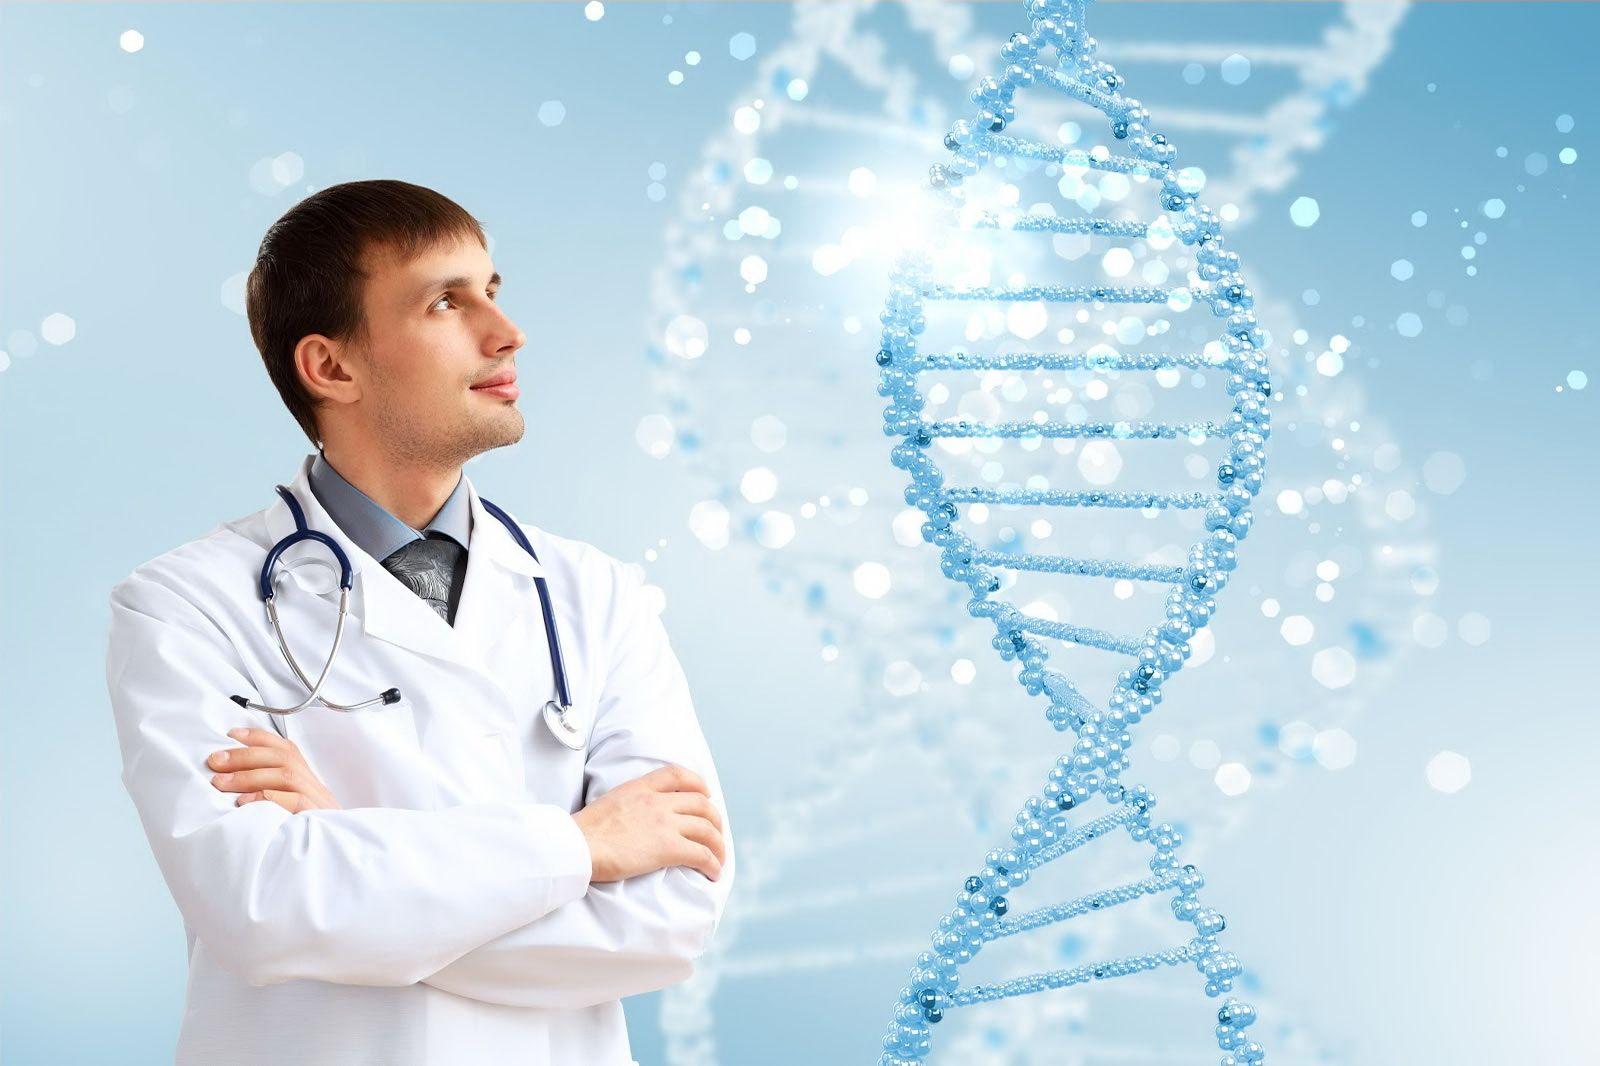 SRK-015, экспериментальный препарат для терапии СМА, влияющий на мышечную функцию, показал положительные результаты в первой фазе клинических исследований